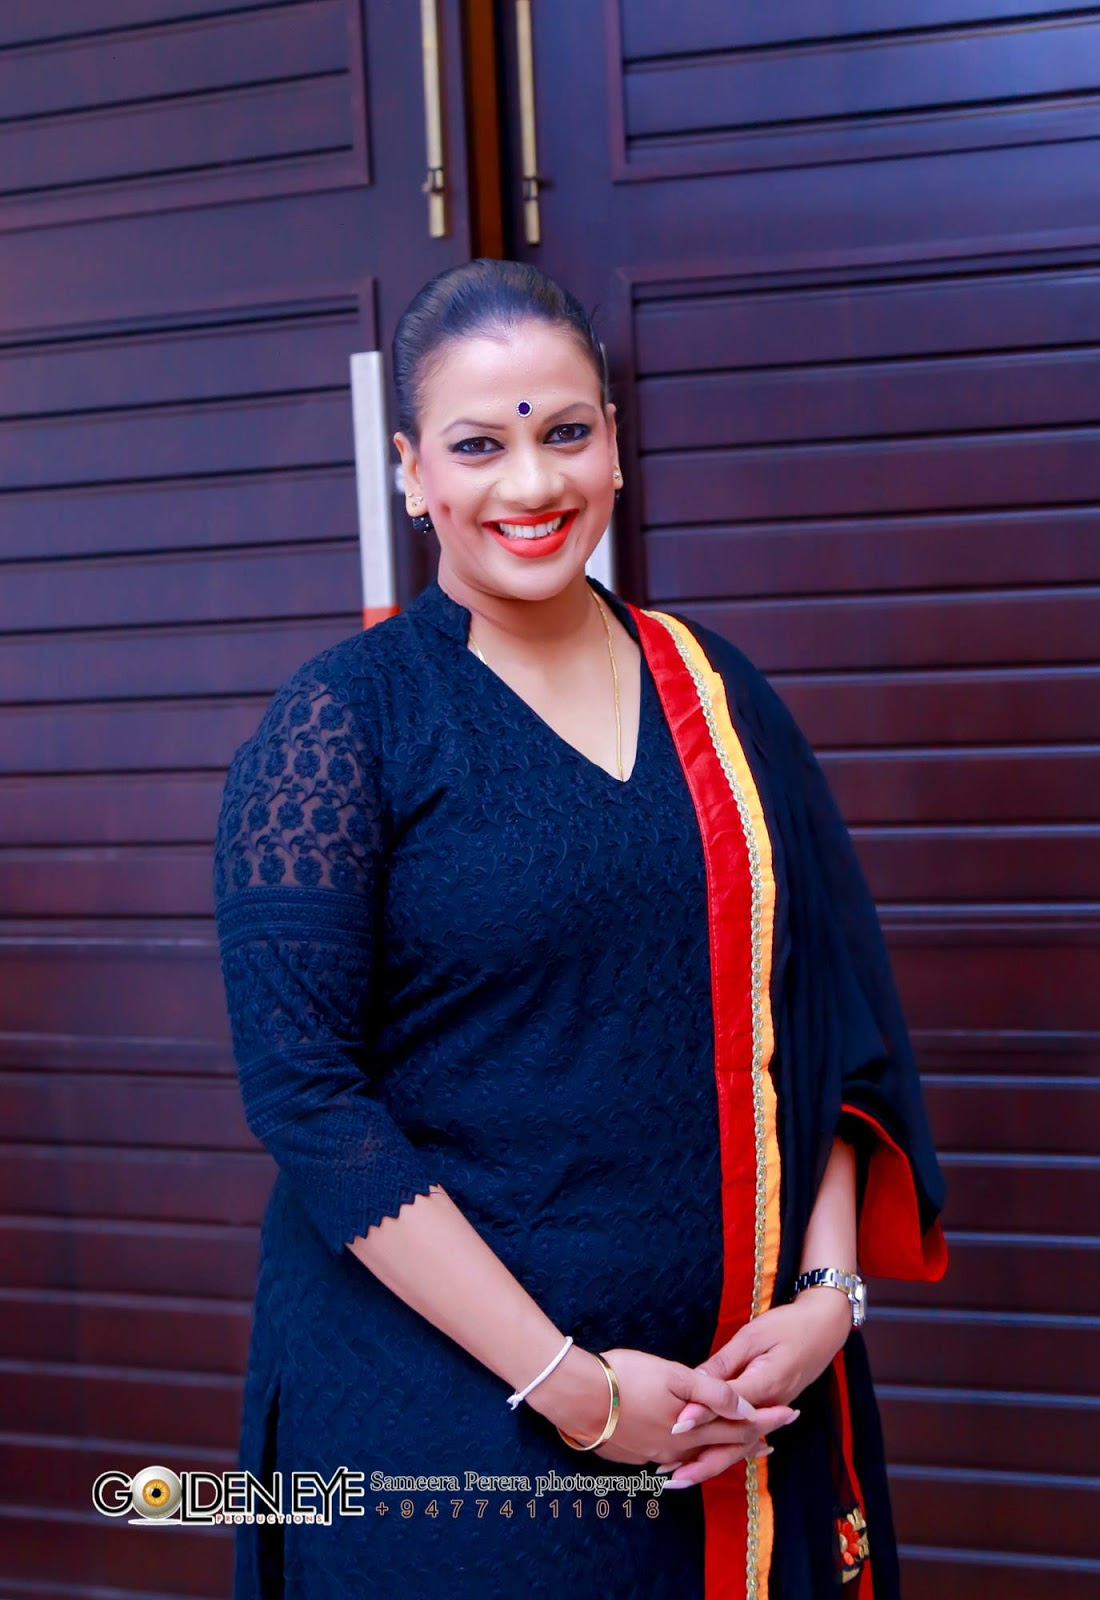 Channa Perera